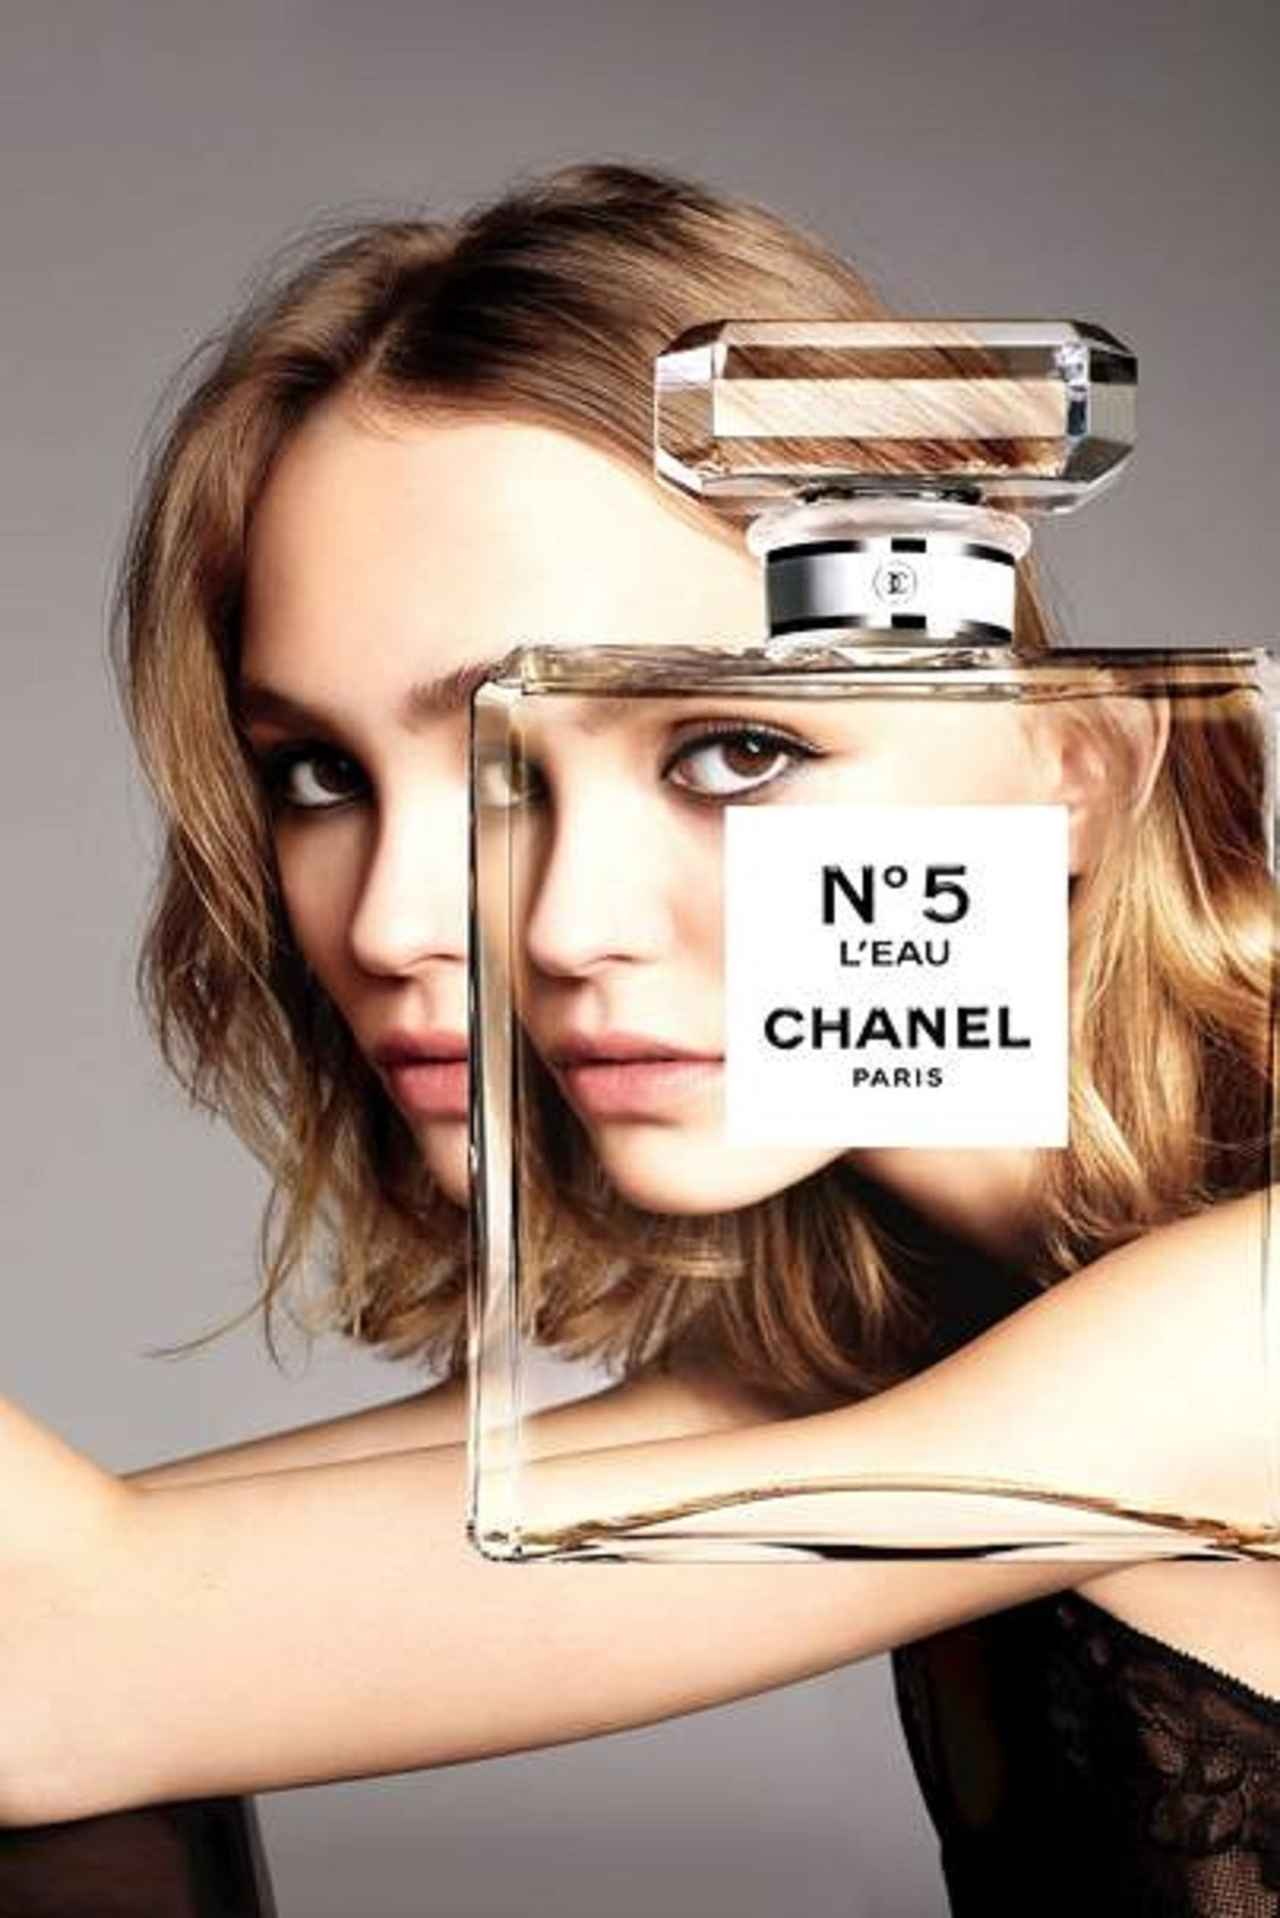 画像: リリーが登場したシャネルの香水「No.5」の広告。